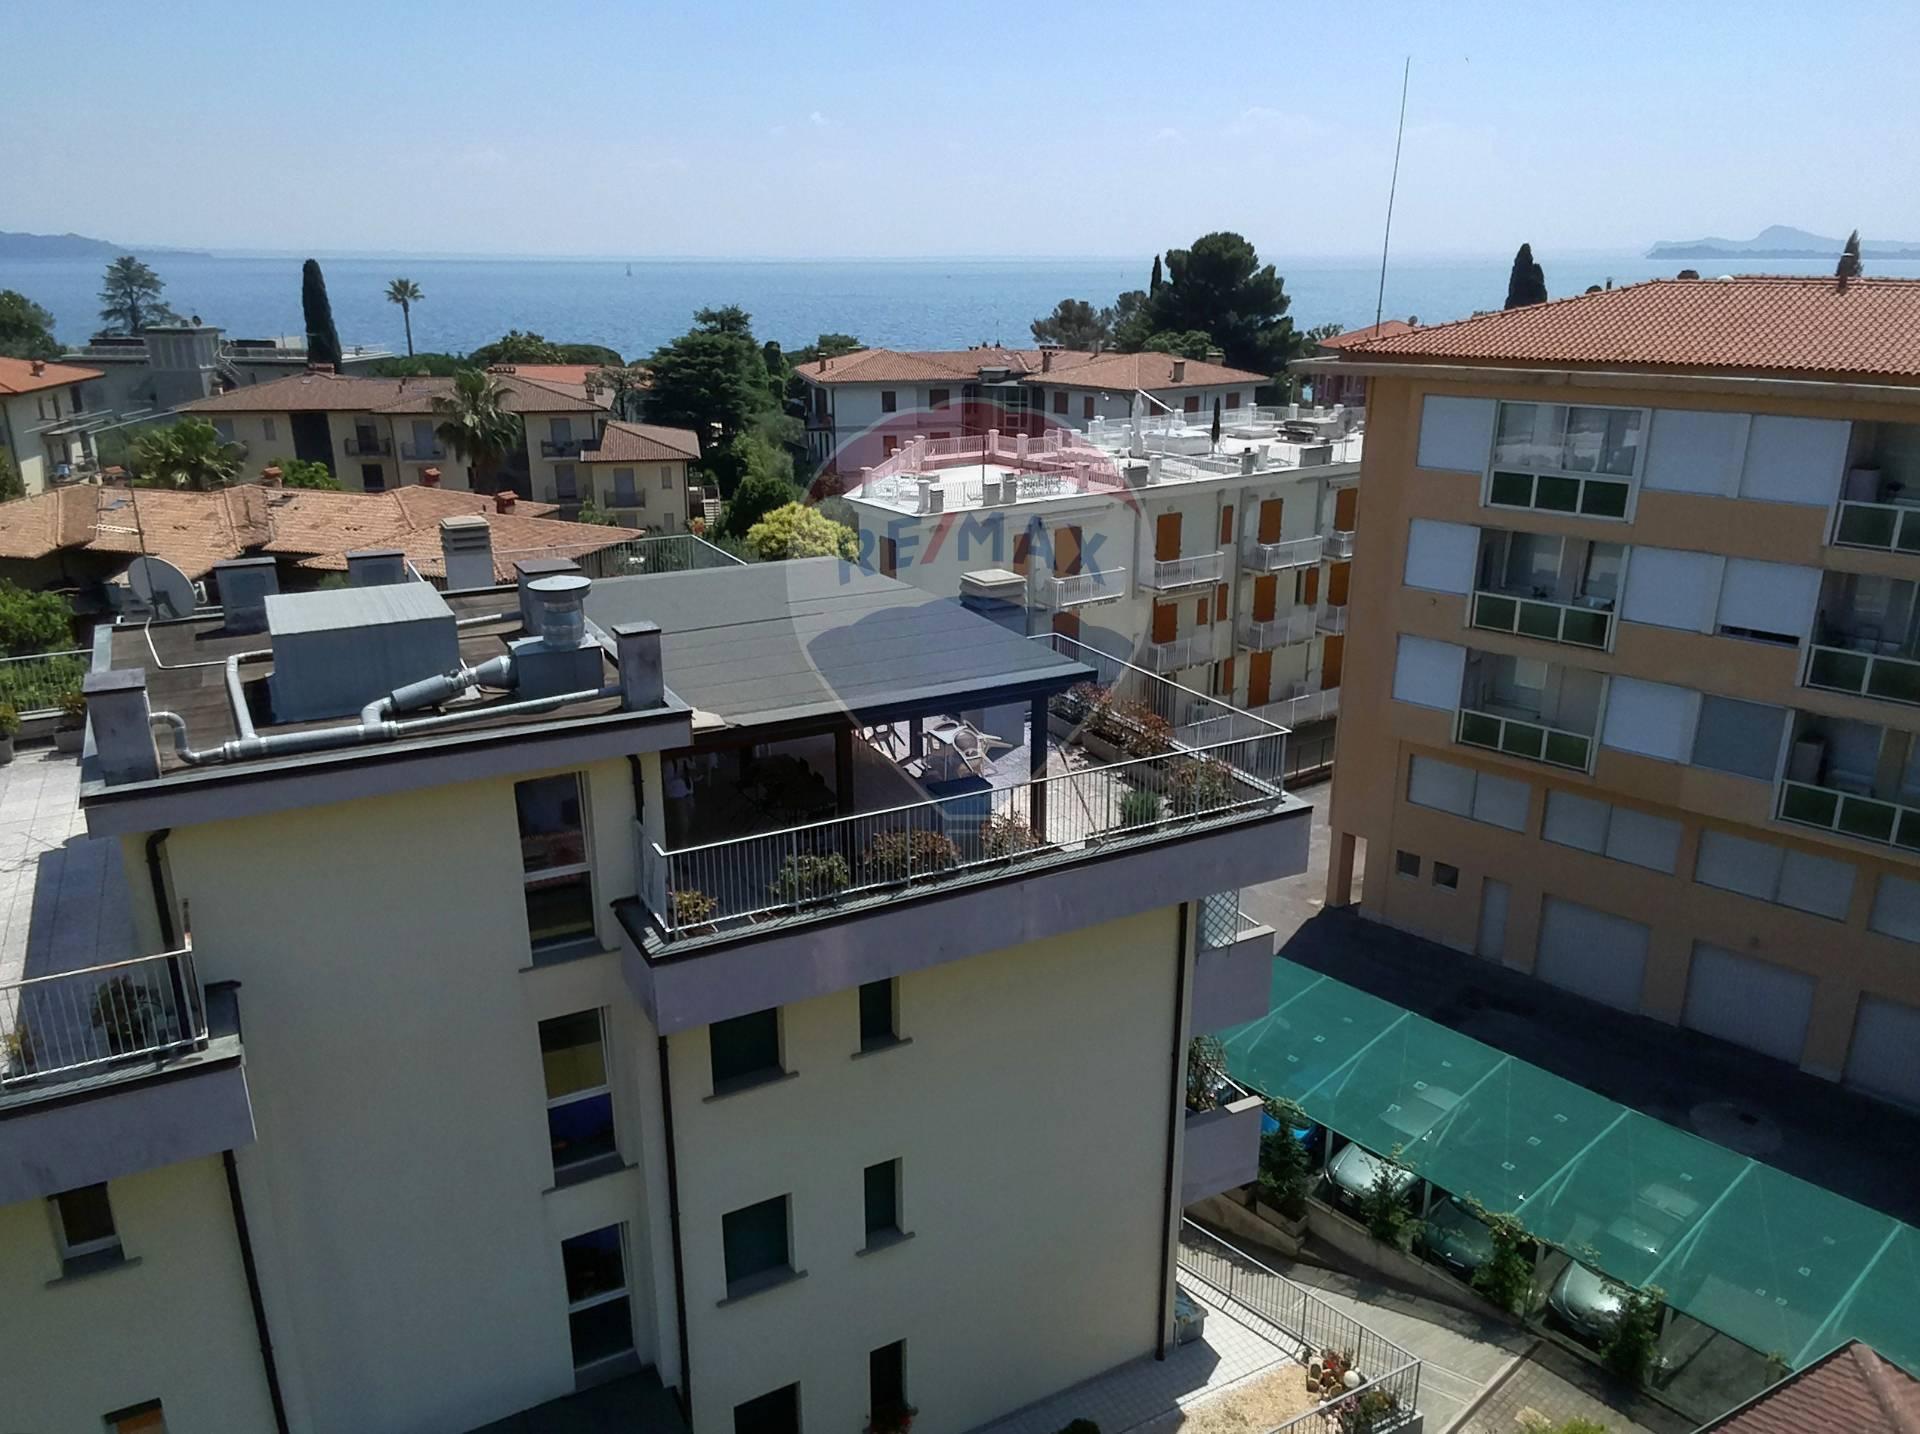 Appartamento in vendita a Toscolano-Maderno, 3 locali, zona Zona: Maderno, prezzo € 275.000 | CambioCasa.it